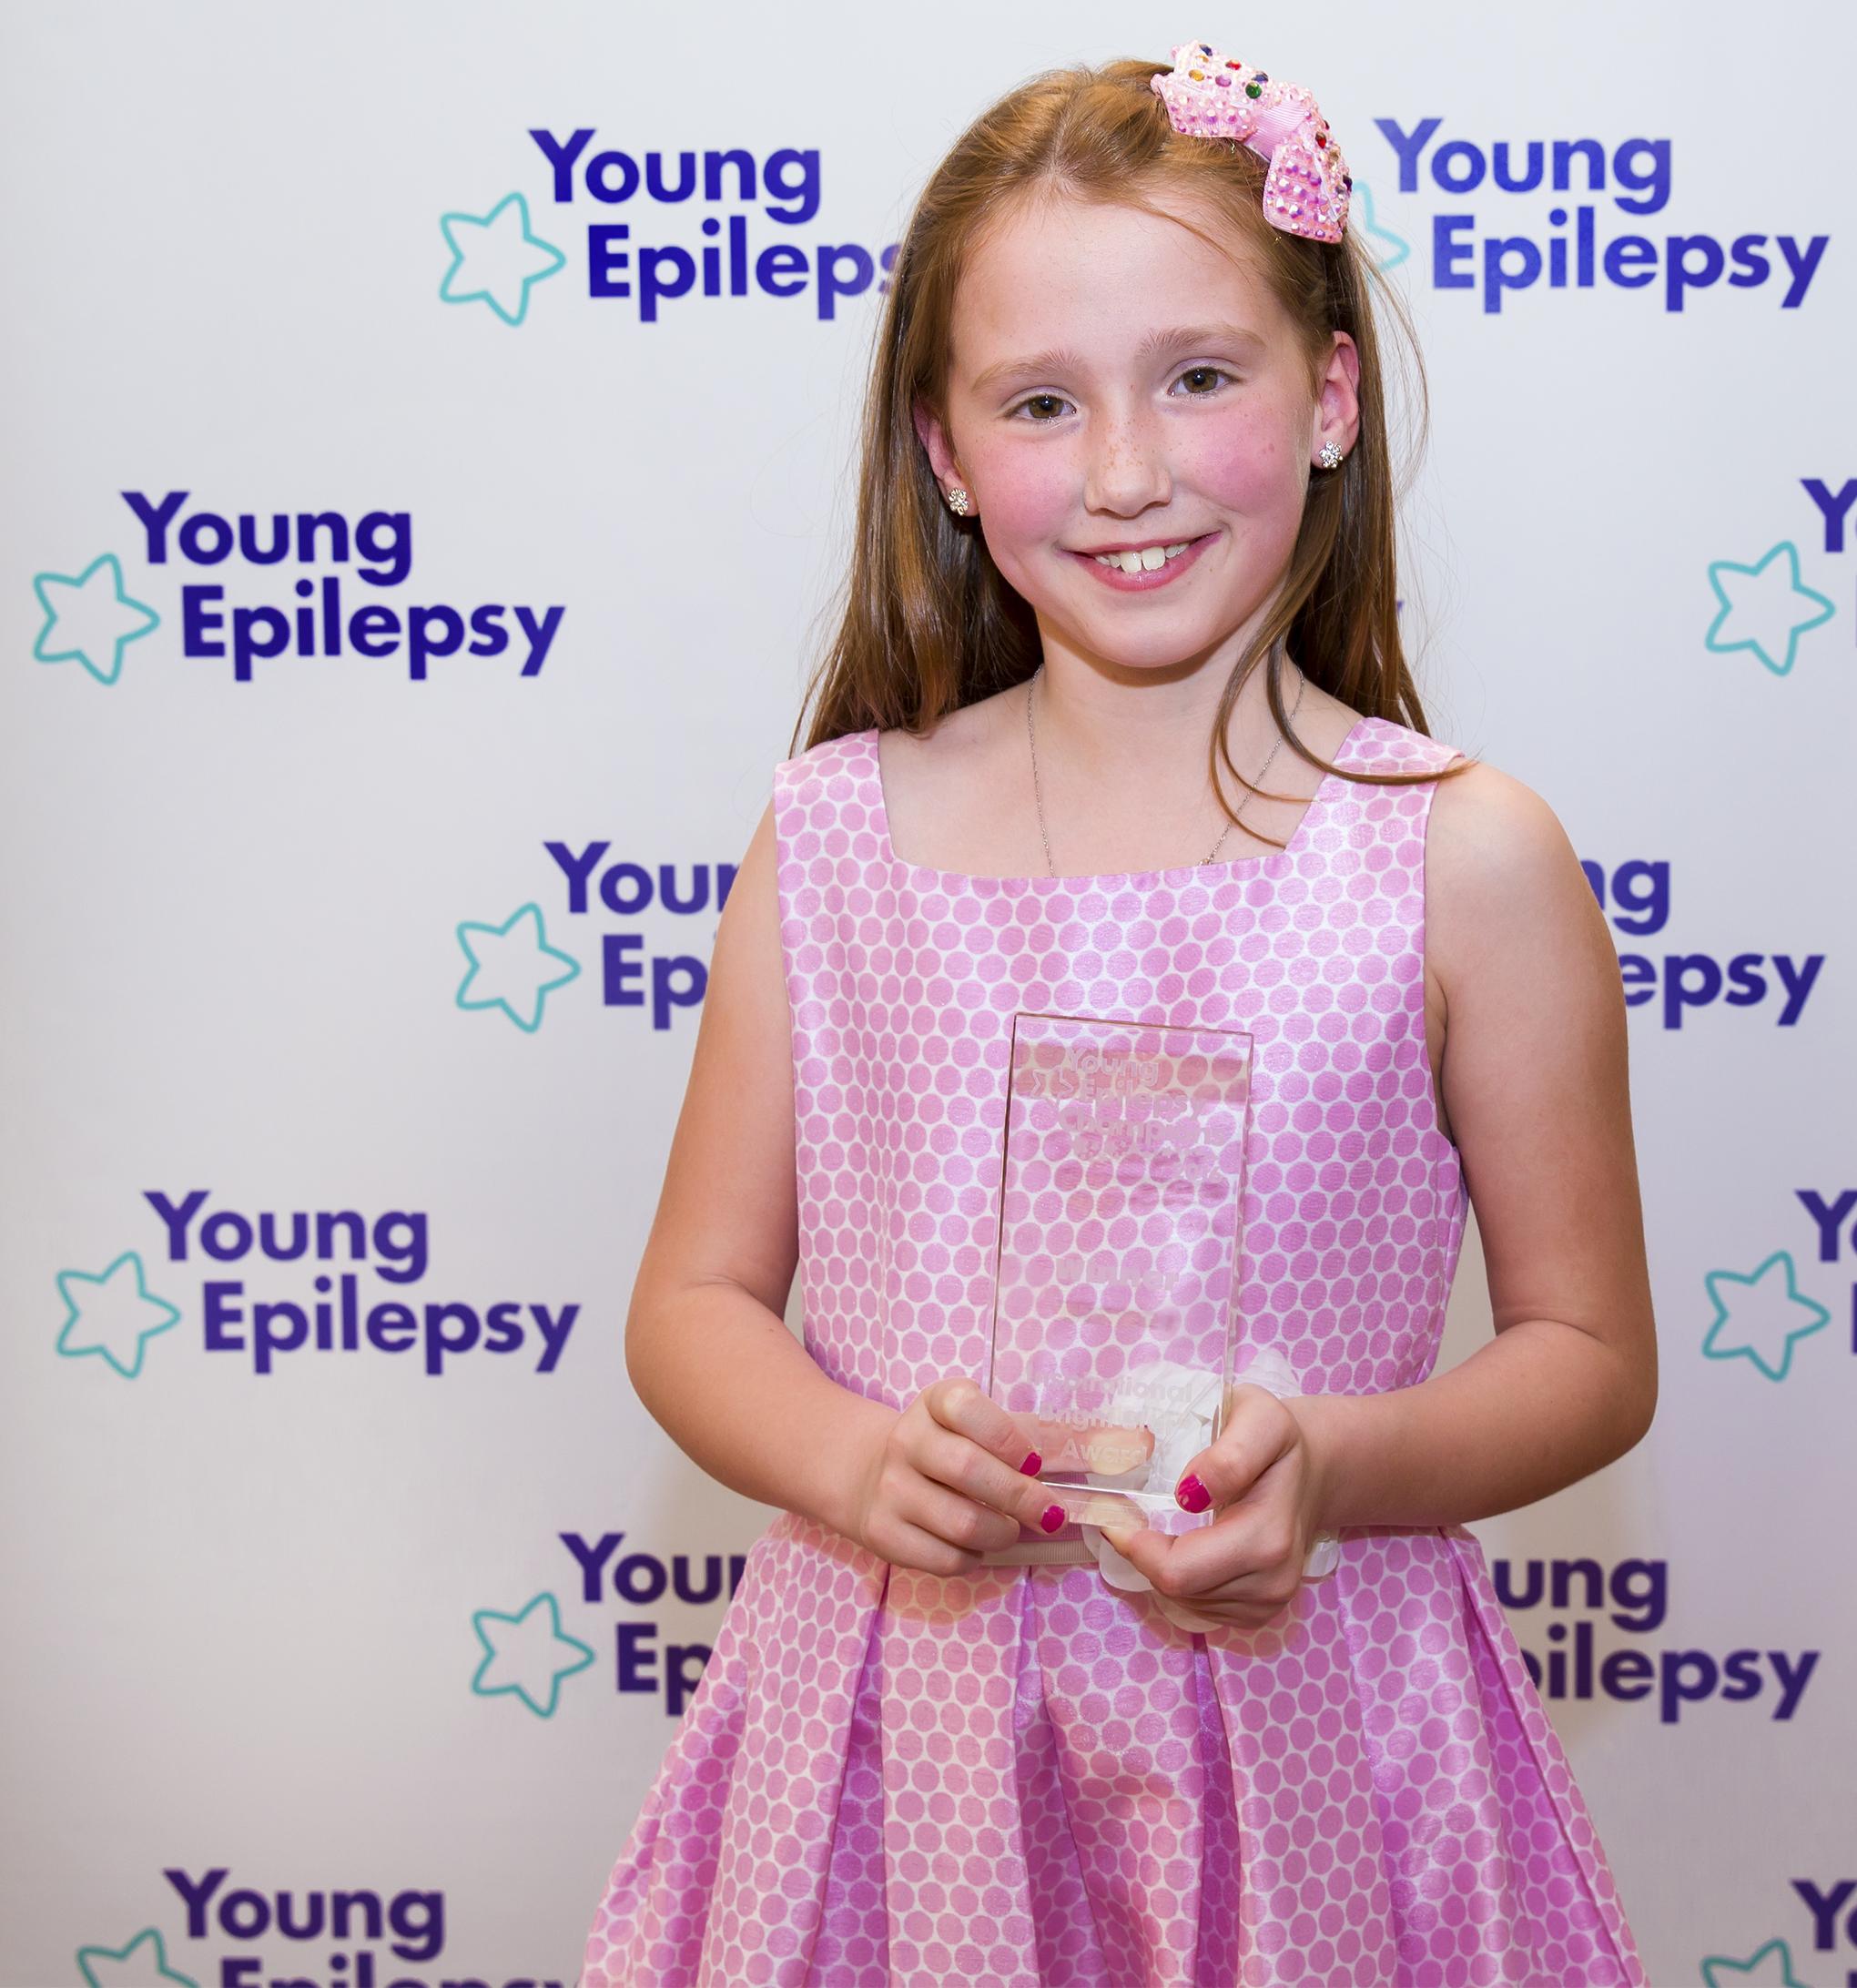 Ruby_-_Epilepsy_Awards.jpg